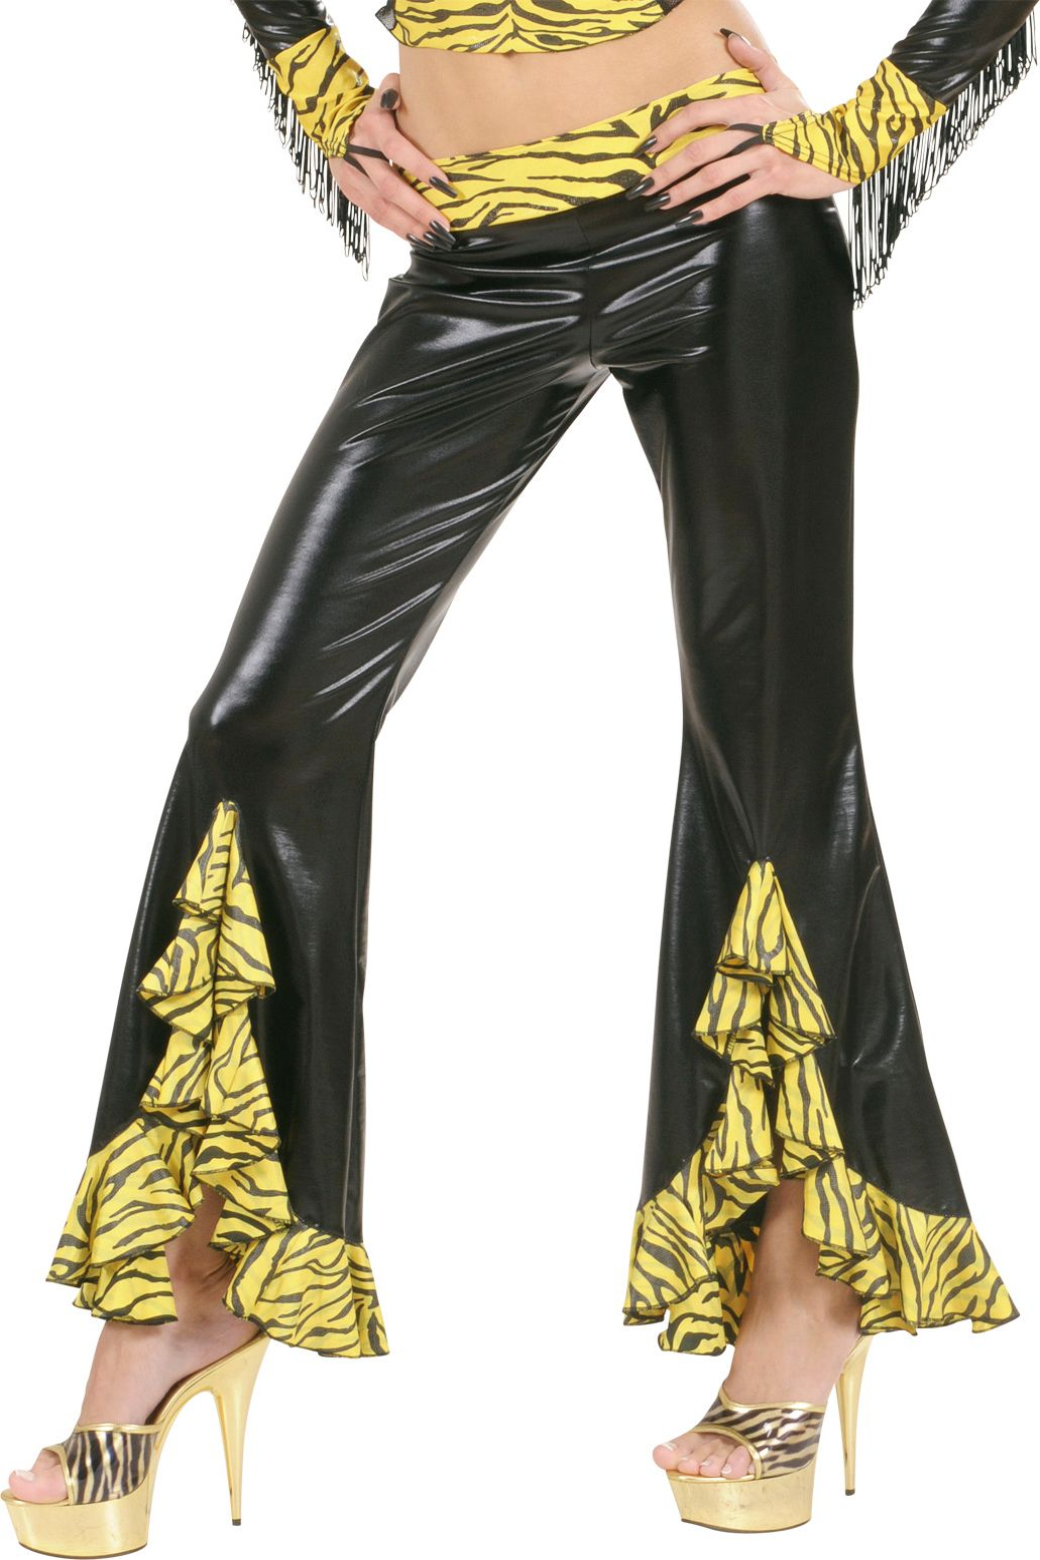 Tijger print broek dames